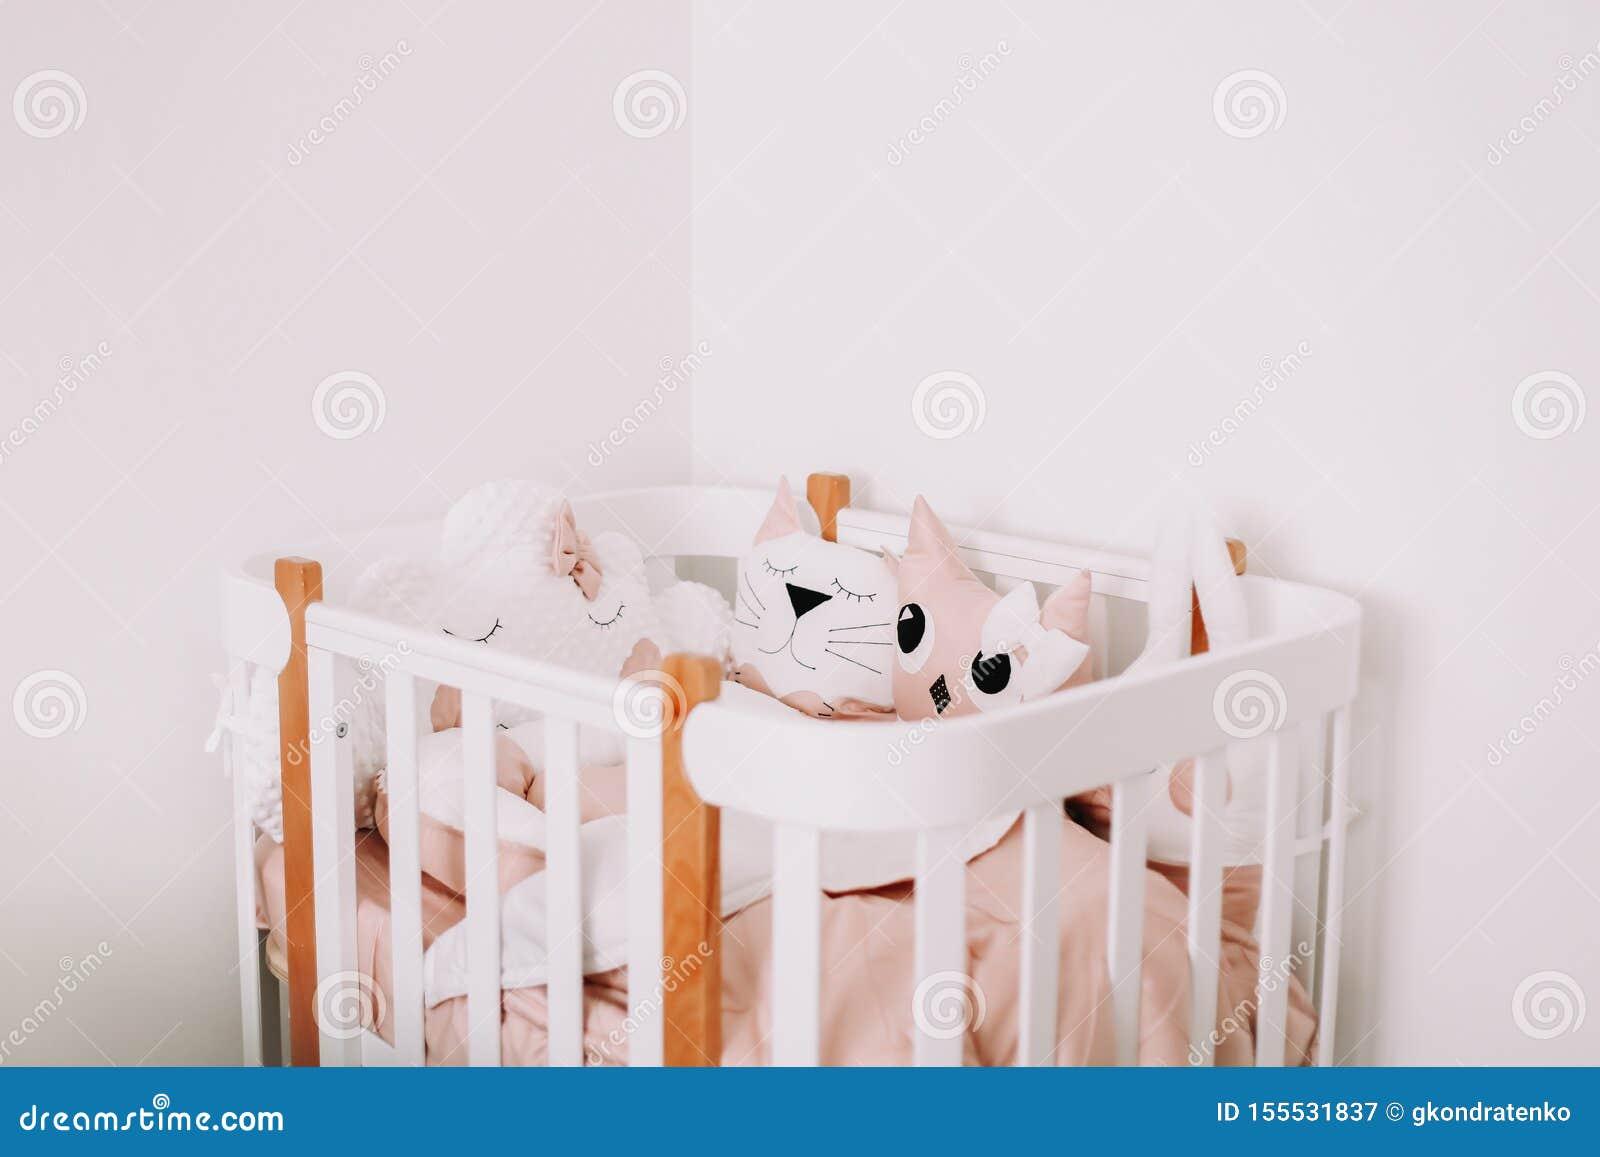 De zoete decoratie van de kinderdagverblijfruimte voor een babymeisje Comfortabele kinderenslaapkamer in Skandinavische stijl met